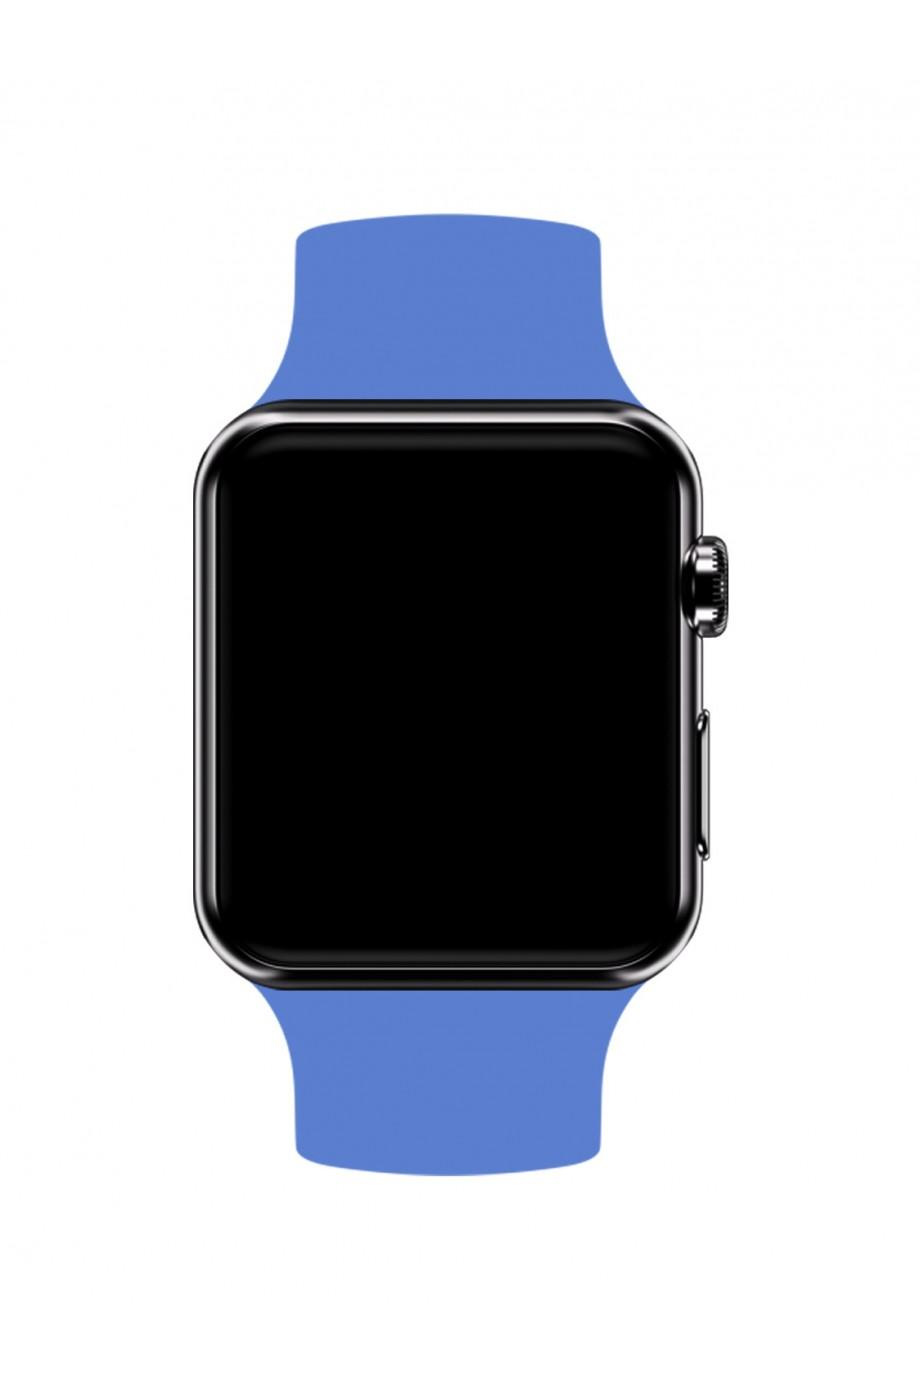 Силиконовый ремешок для Apple Watch 3 38 мм, серо-голубой